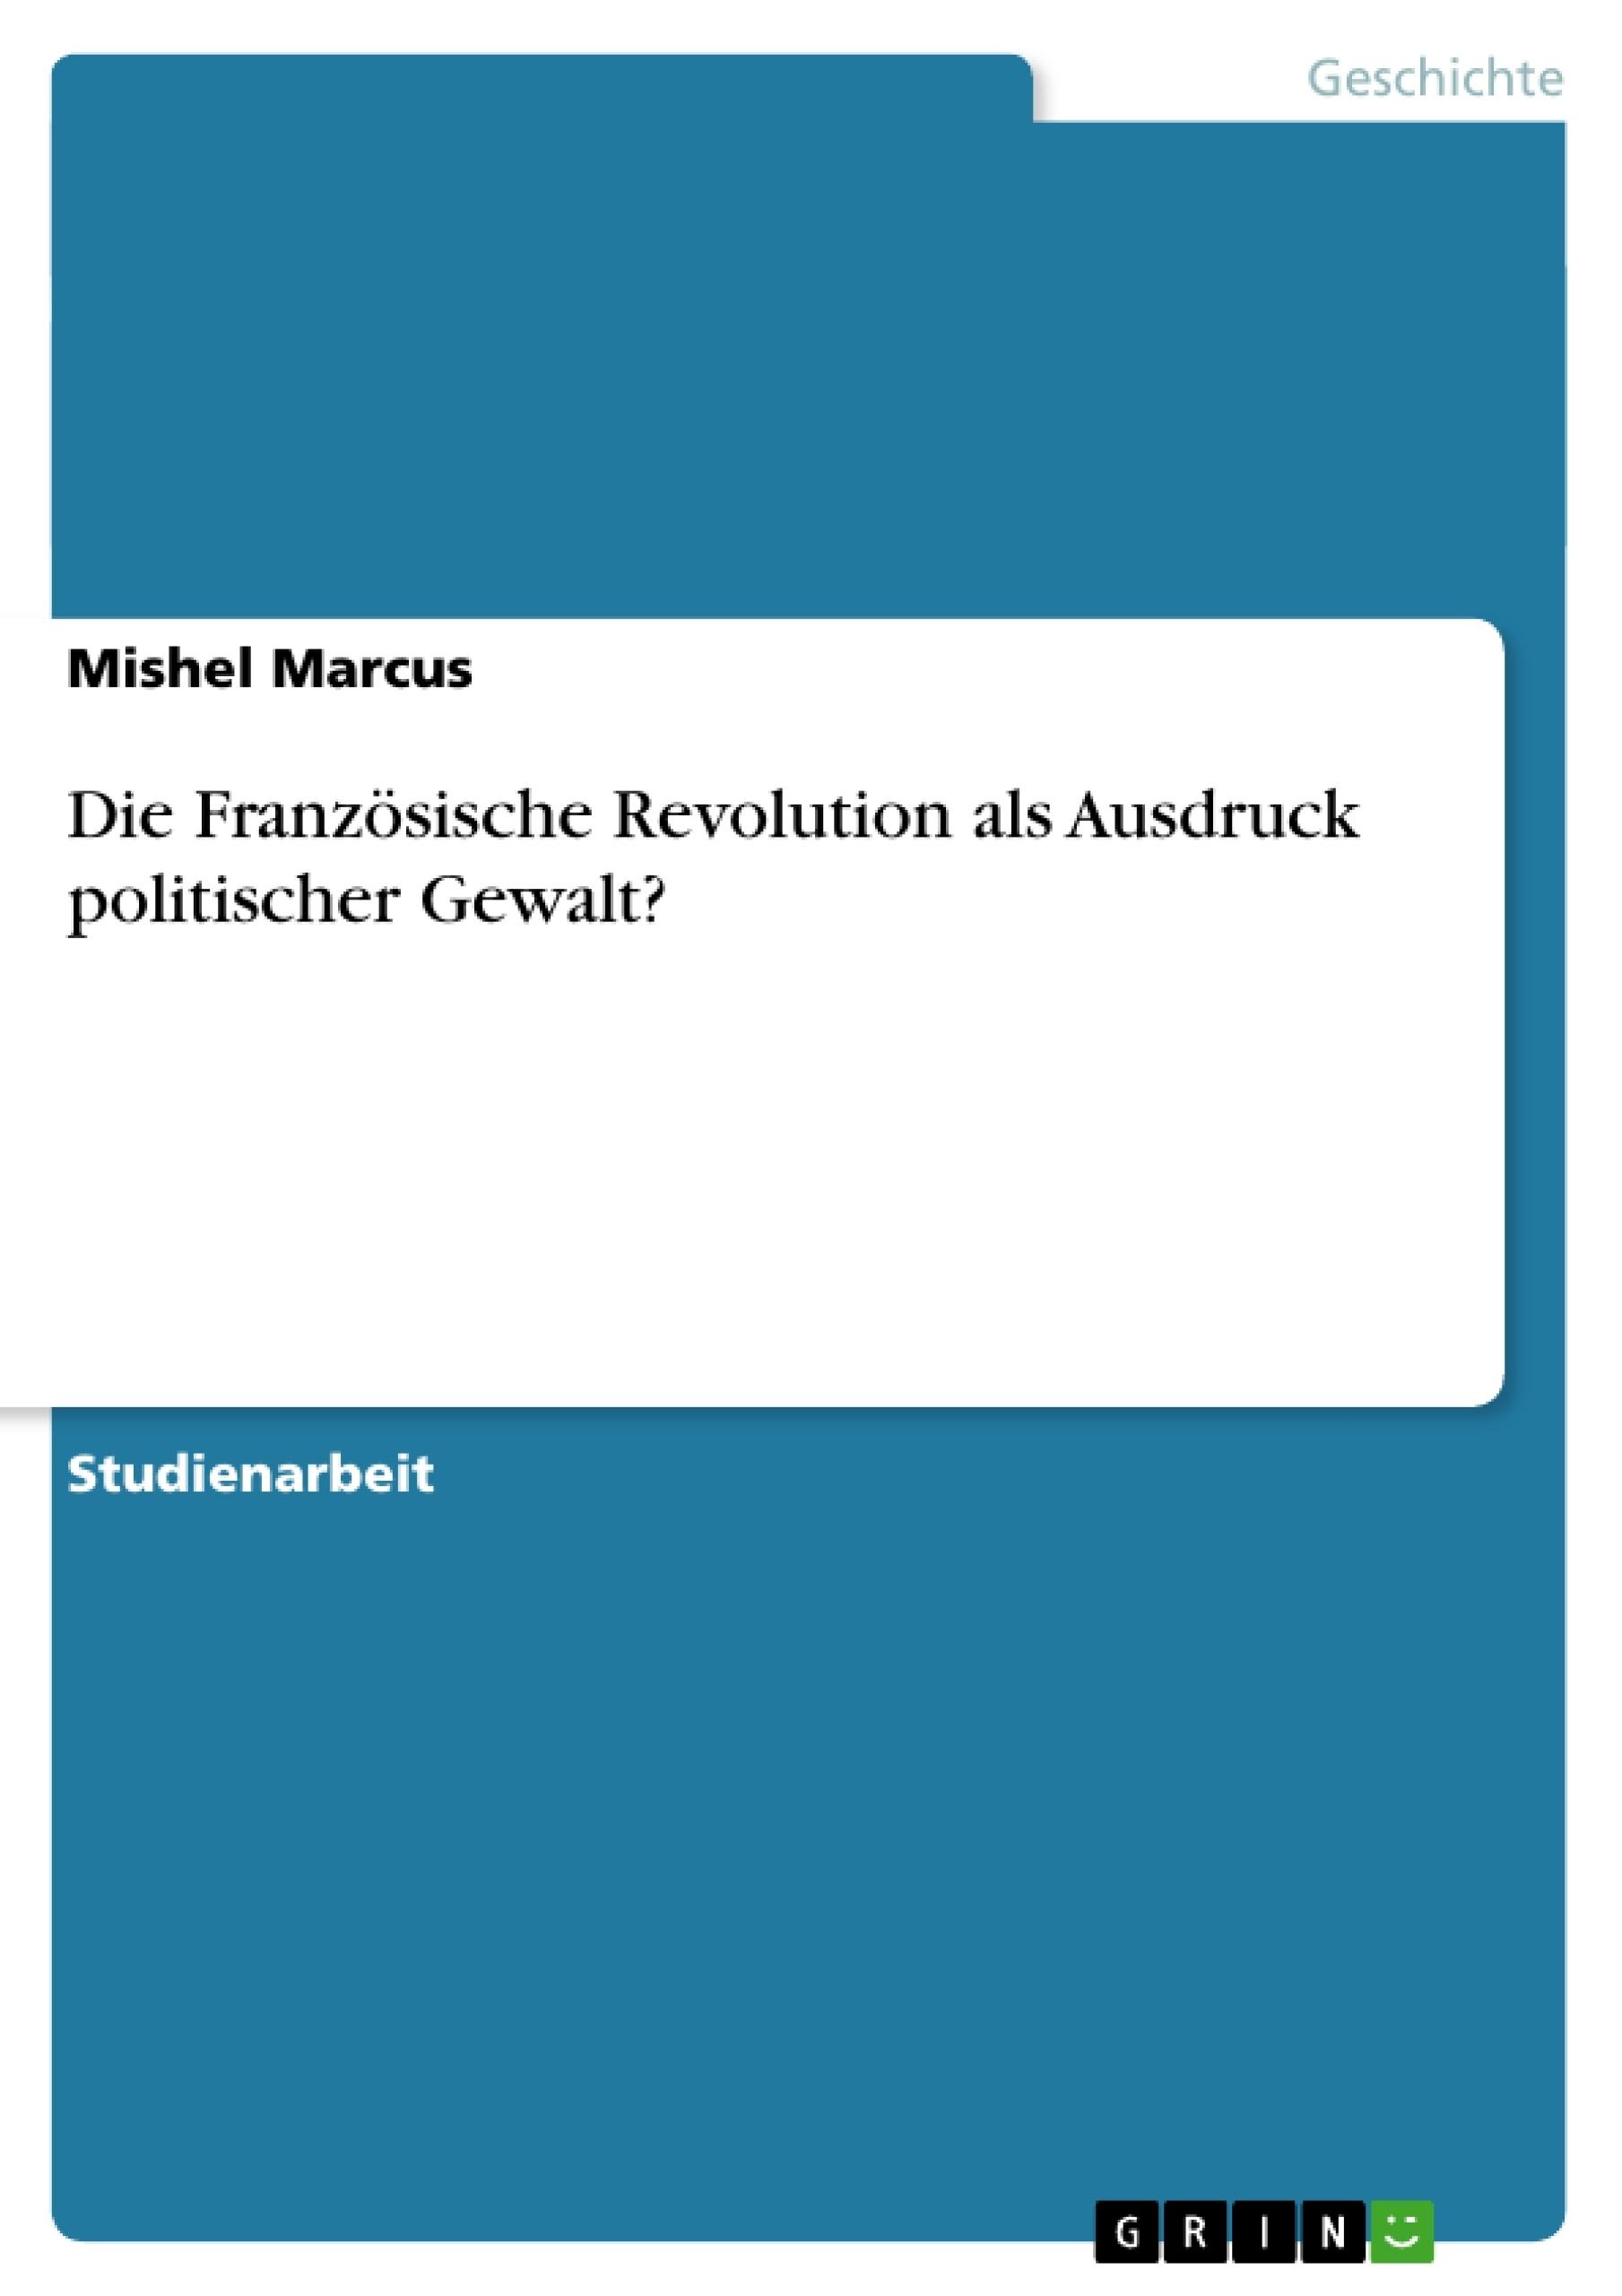 Titel: Die Französische Revolution als Ausdruck politischer Gewalt?